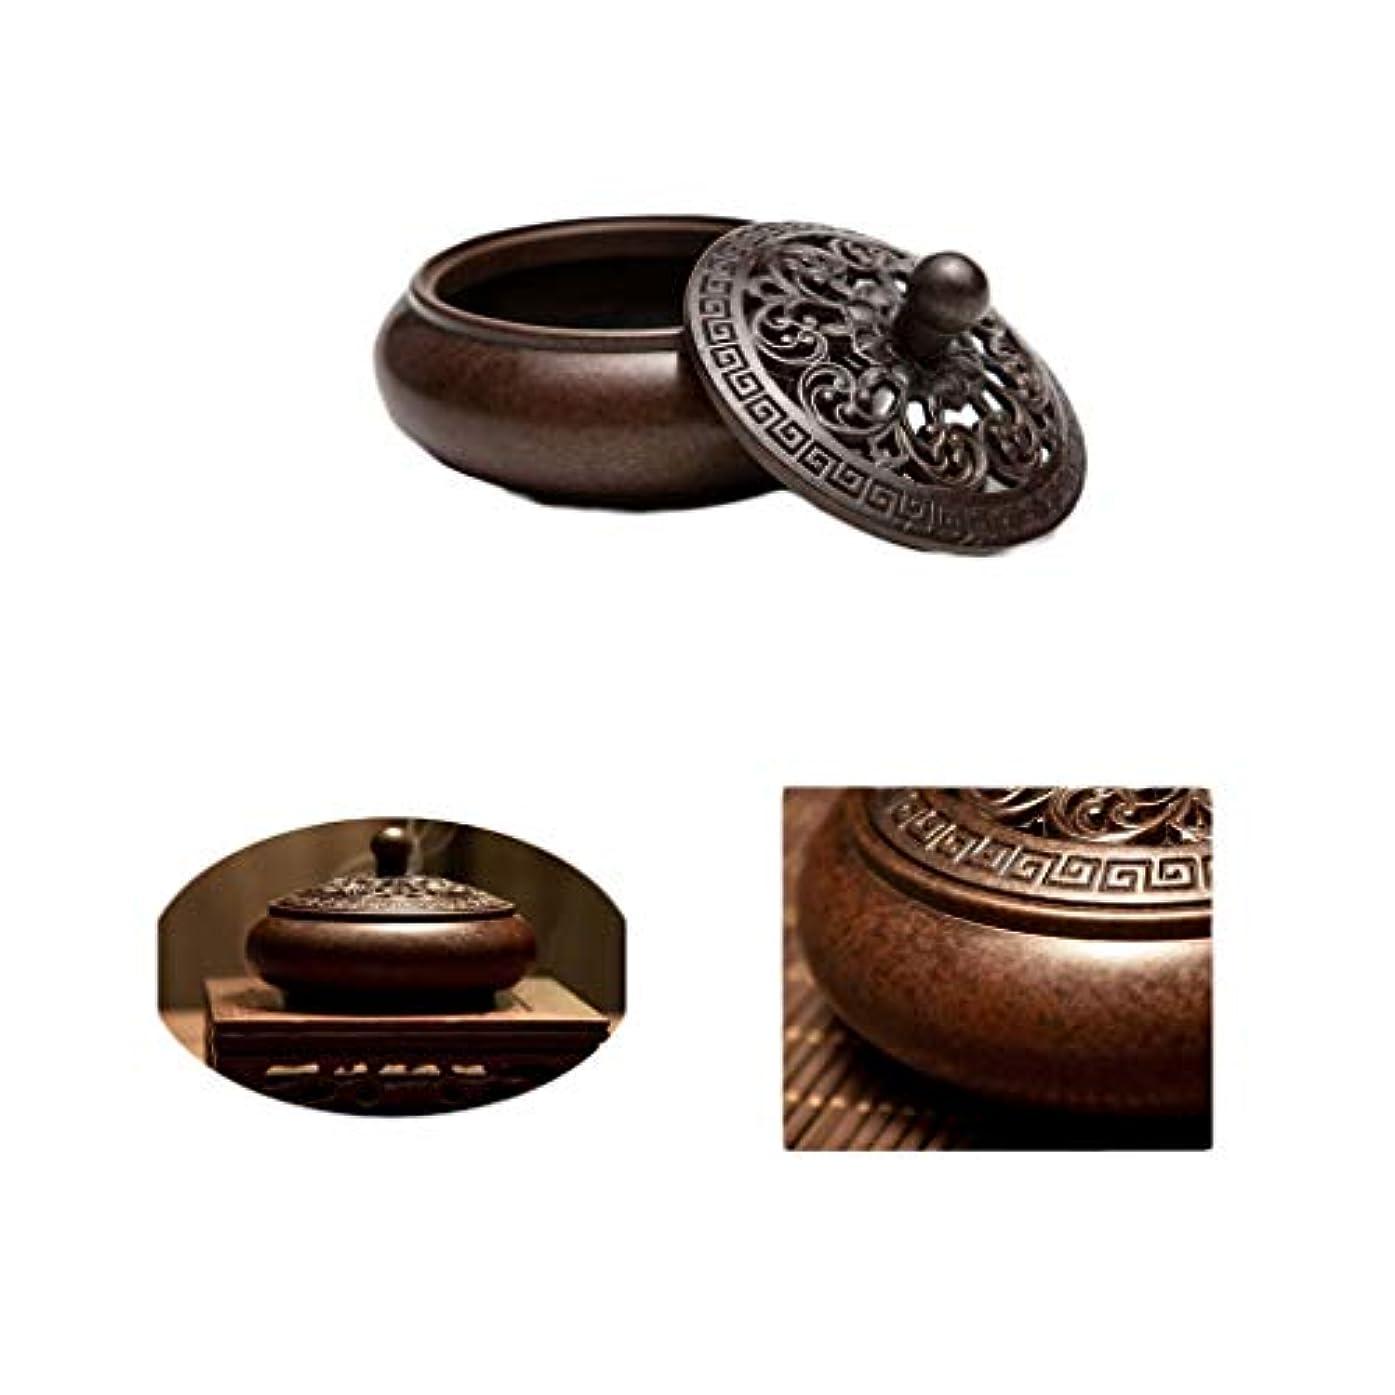 憤る出くわす引退した芳香器?アロマバーナー 純銅香炉アンティーク香炉吉祥香炉手作り香炉 アロマバーナー (Color : Brass)